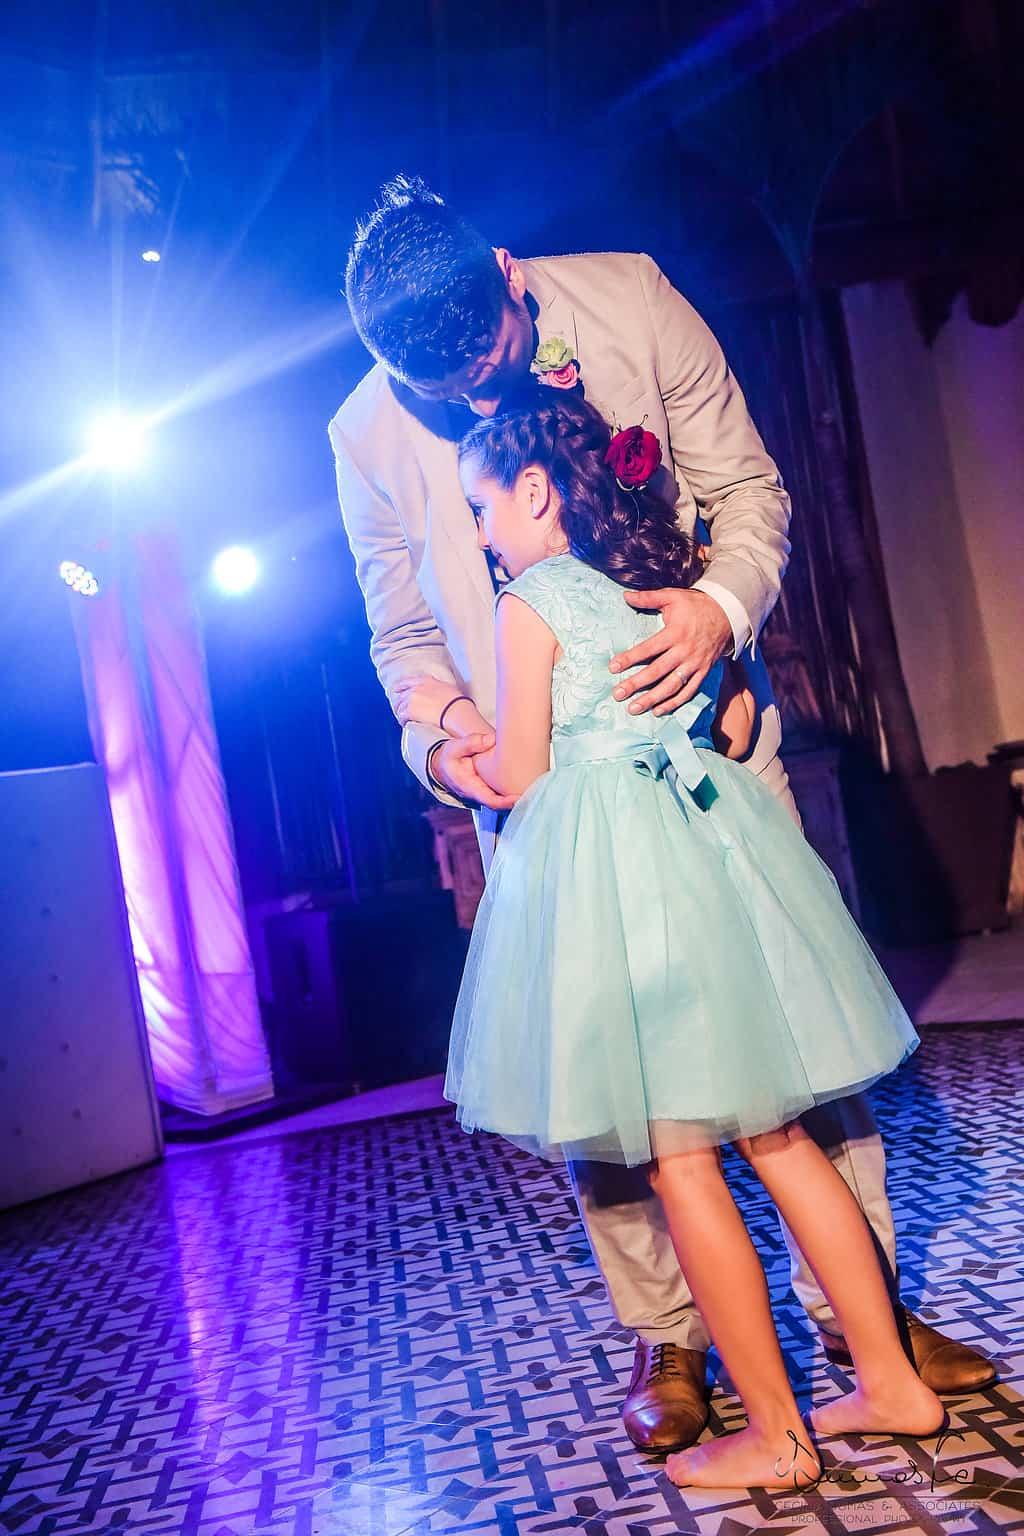 mahekalhotel-playadelcarmen-weddingphotography-lindseyalfredo128